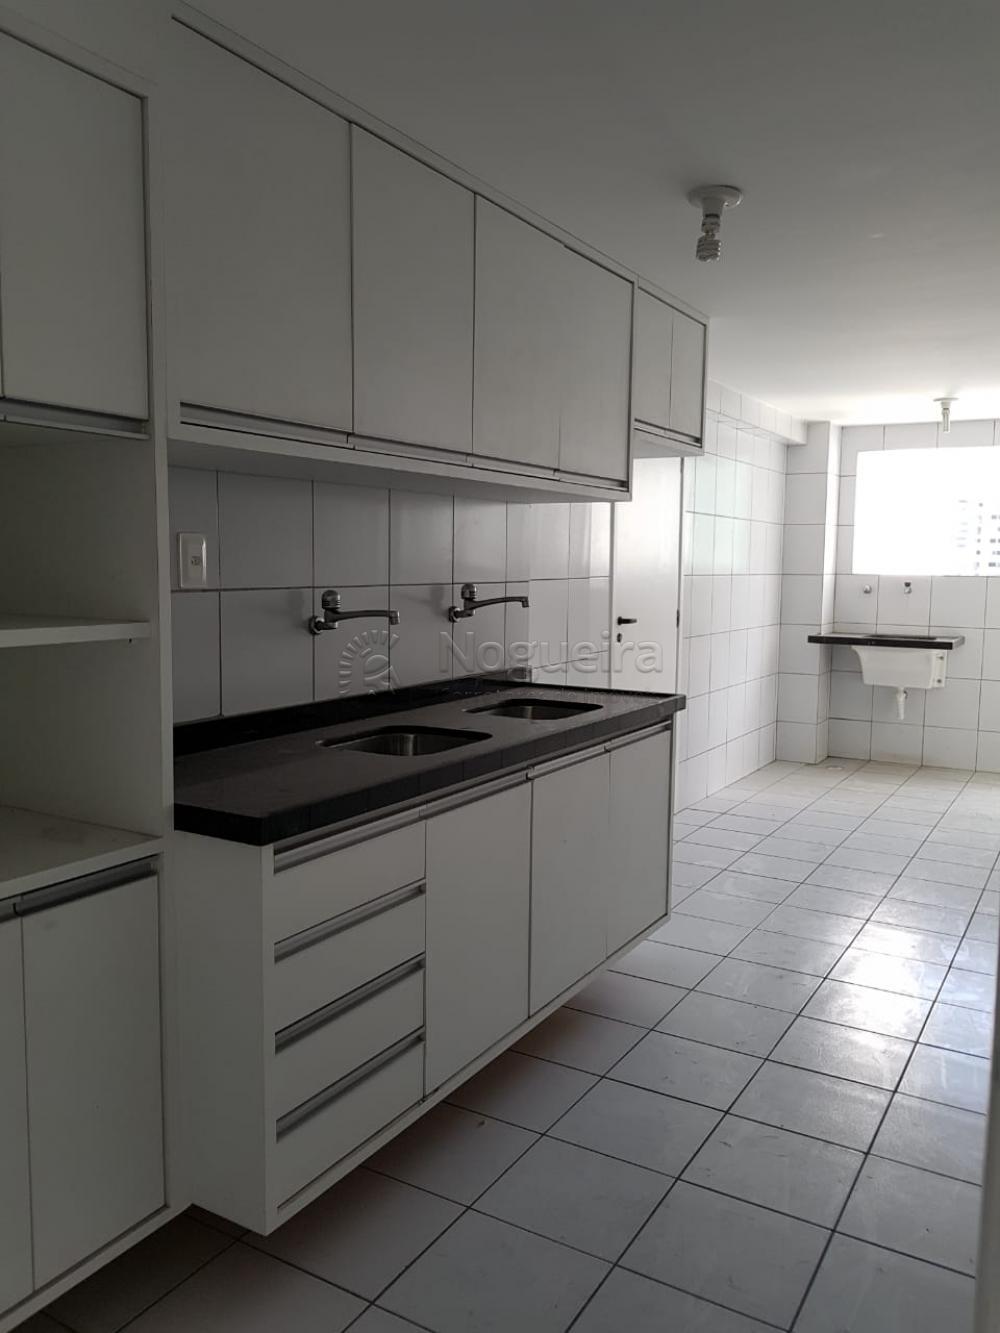 Excelentes opções de apartamento a partir de 2200,00 ( com armários) e 2000,00(sem armários) + taxas em Boa Viagem. Com varanda, sala para 2 ambientes, 3 quartos sendo 2 suítes, banheiro social, cozinha, área de serviço e dce. Temos opções com e sem armários.